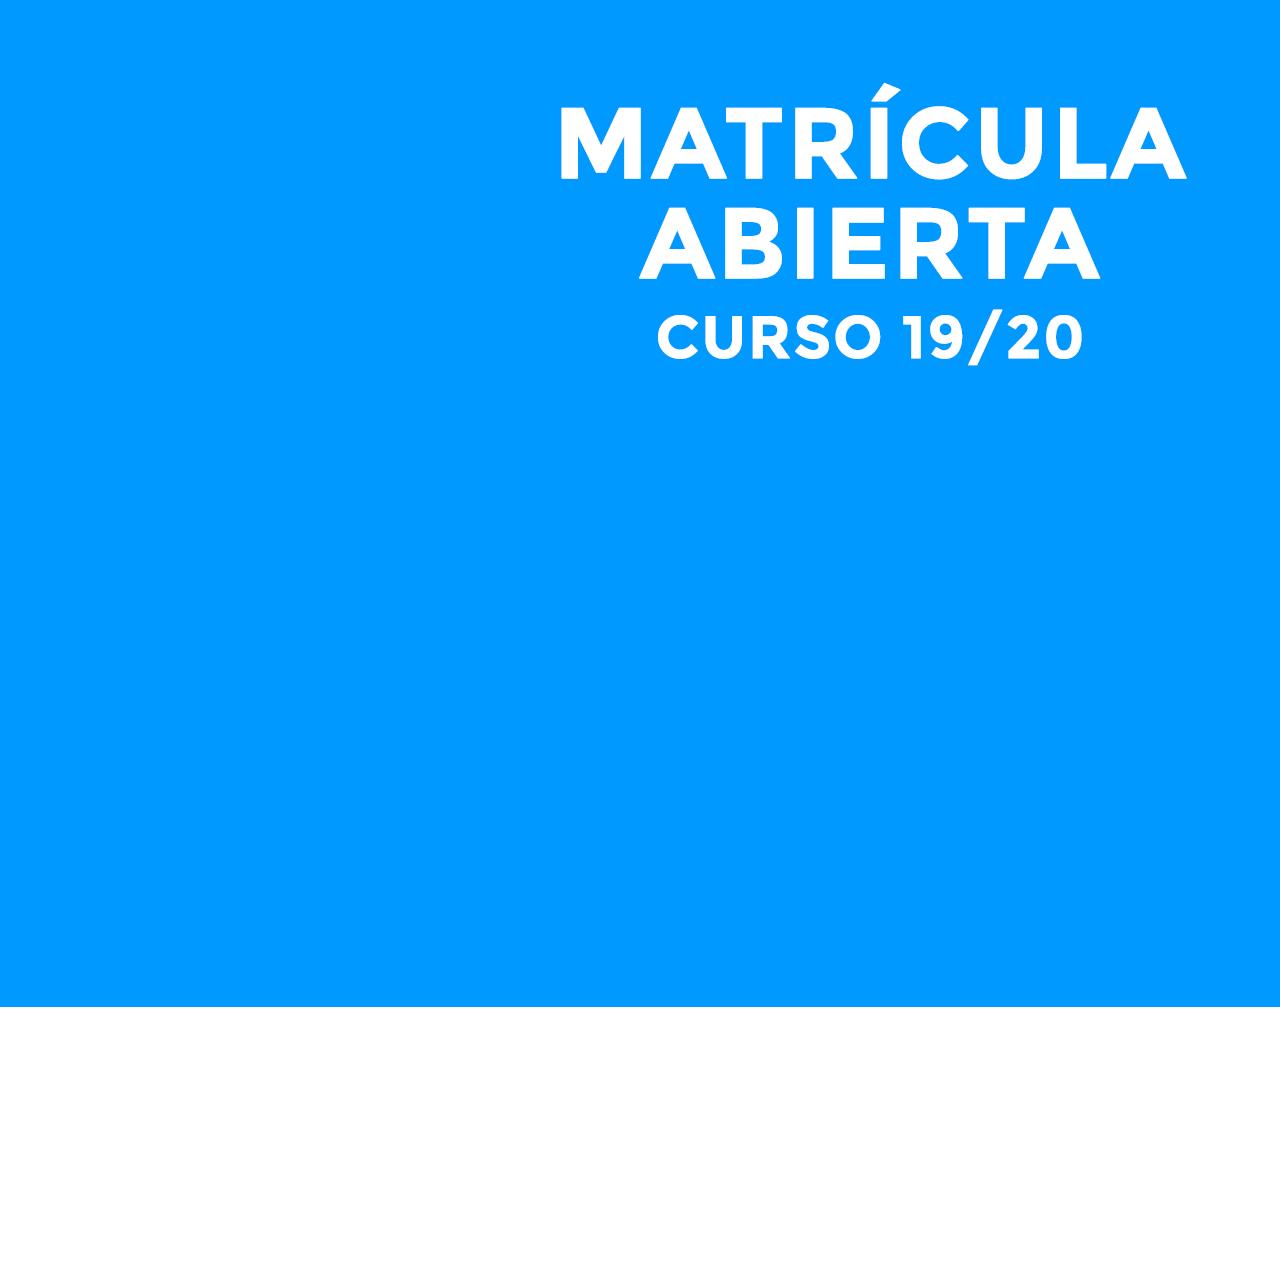 Matriculas abiertas Curso 2019 2010